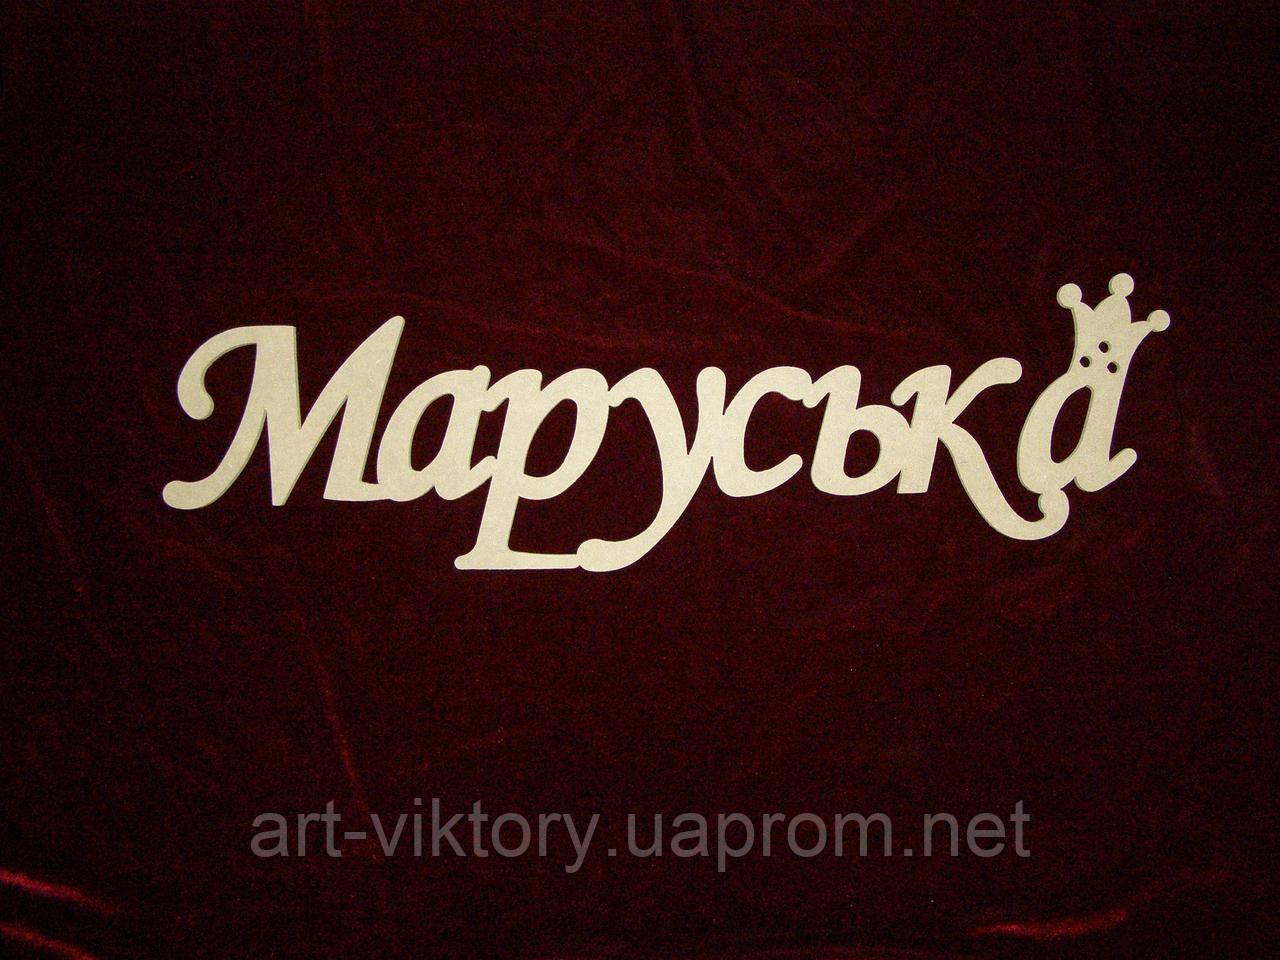 Имя Маруська (58 х 16 см), декор